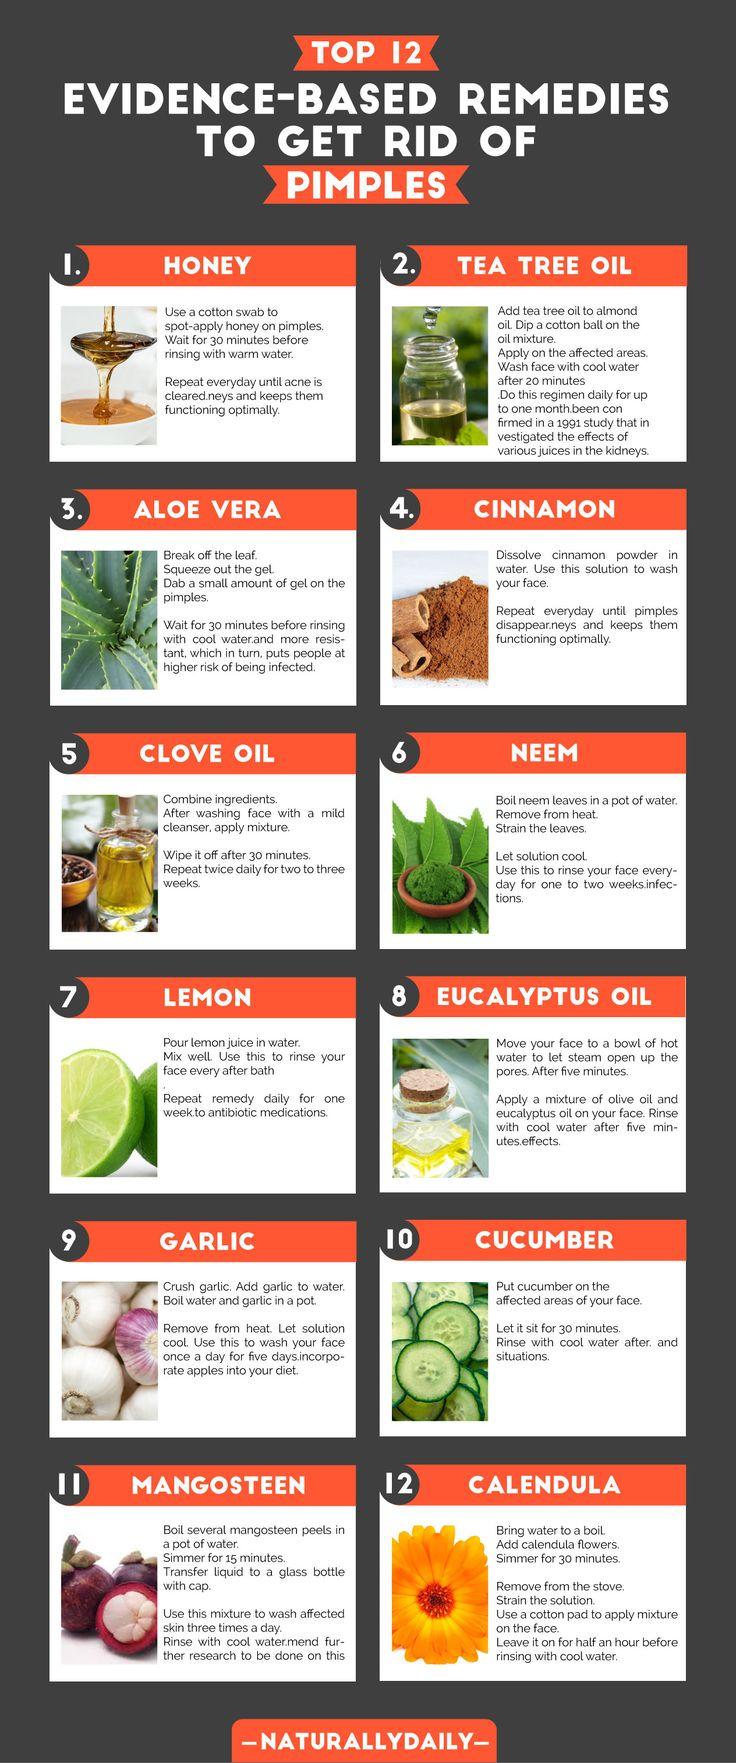 16 natürliche Hausmittel für Pickel (evidenzbasiert)